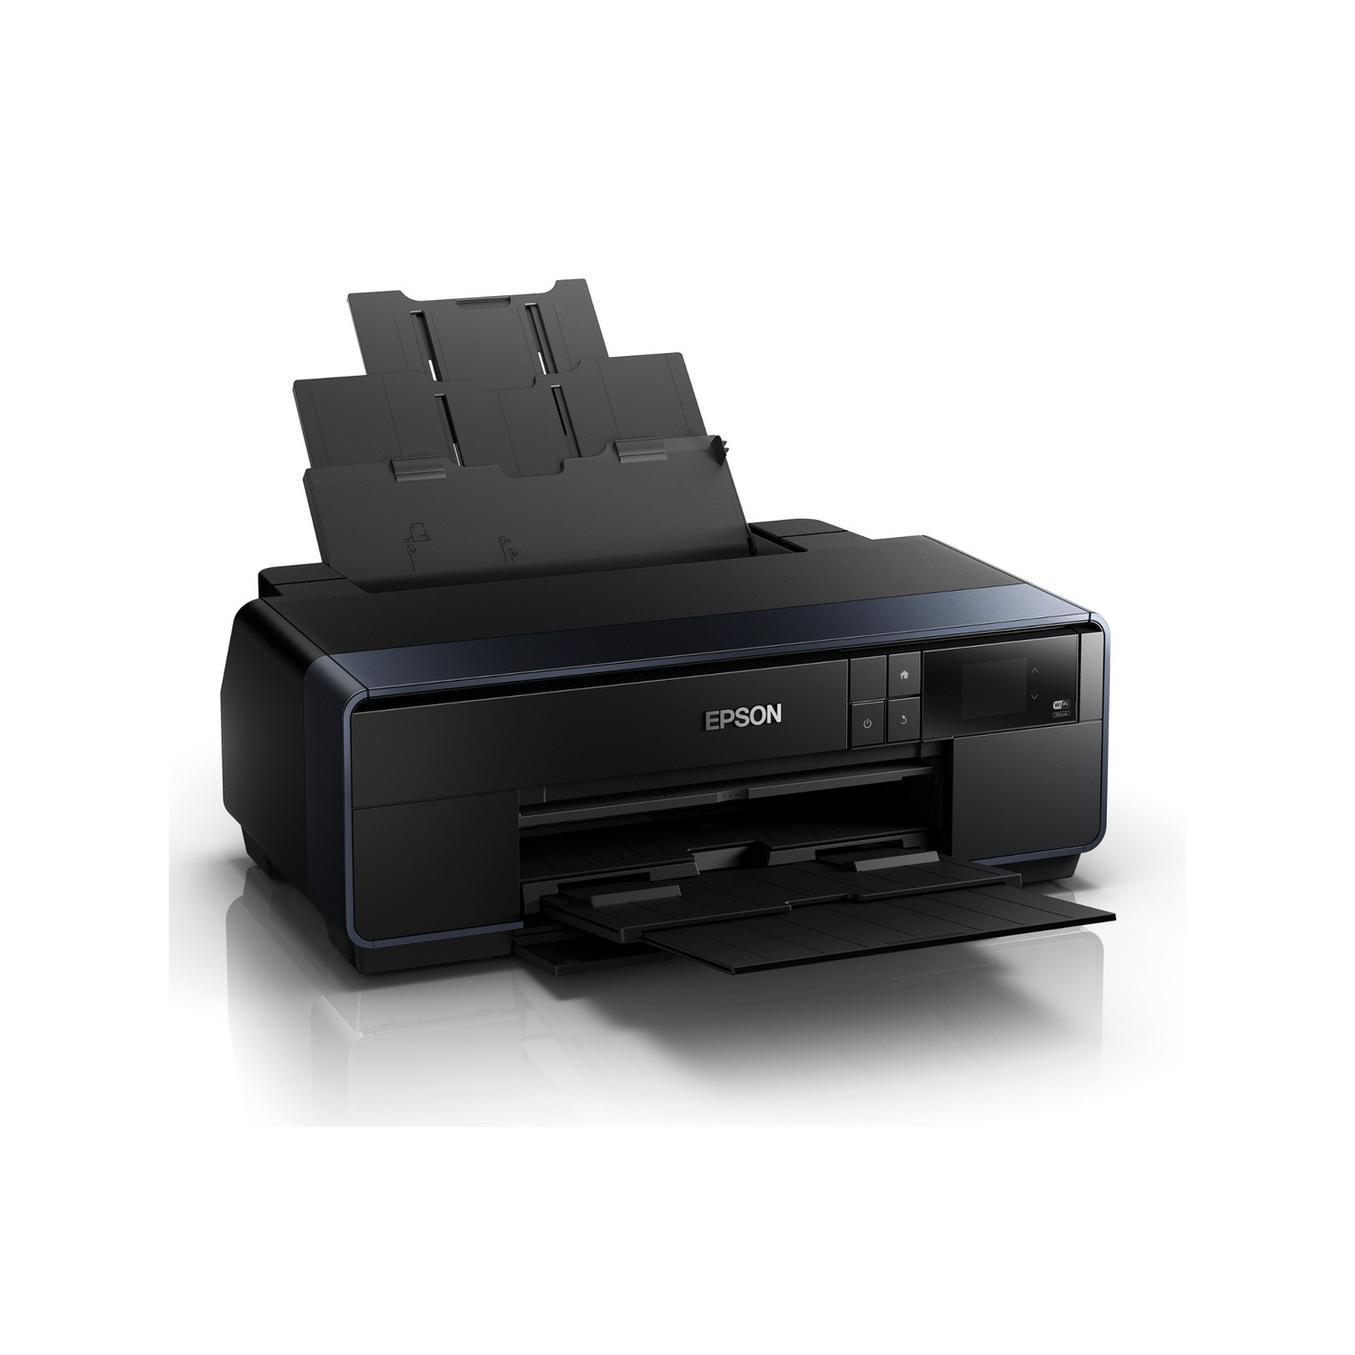 IMPRIMANTE PRO A3 EPSON SC-P600 WIFI